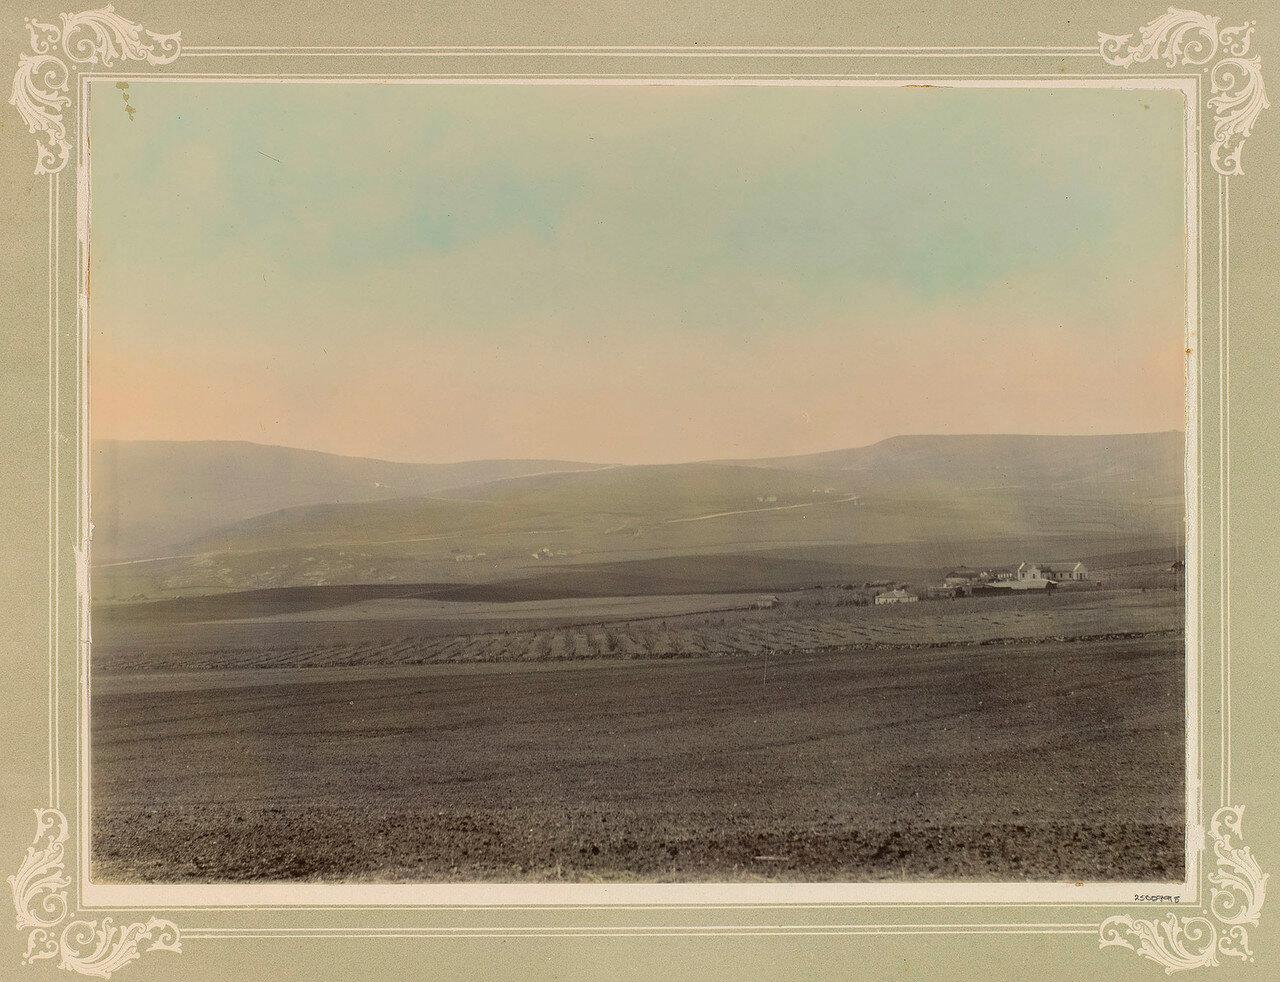 Продолжение поля под Балаклавой, вид с северной стороны